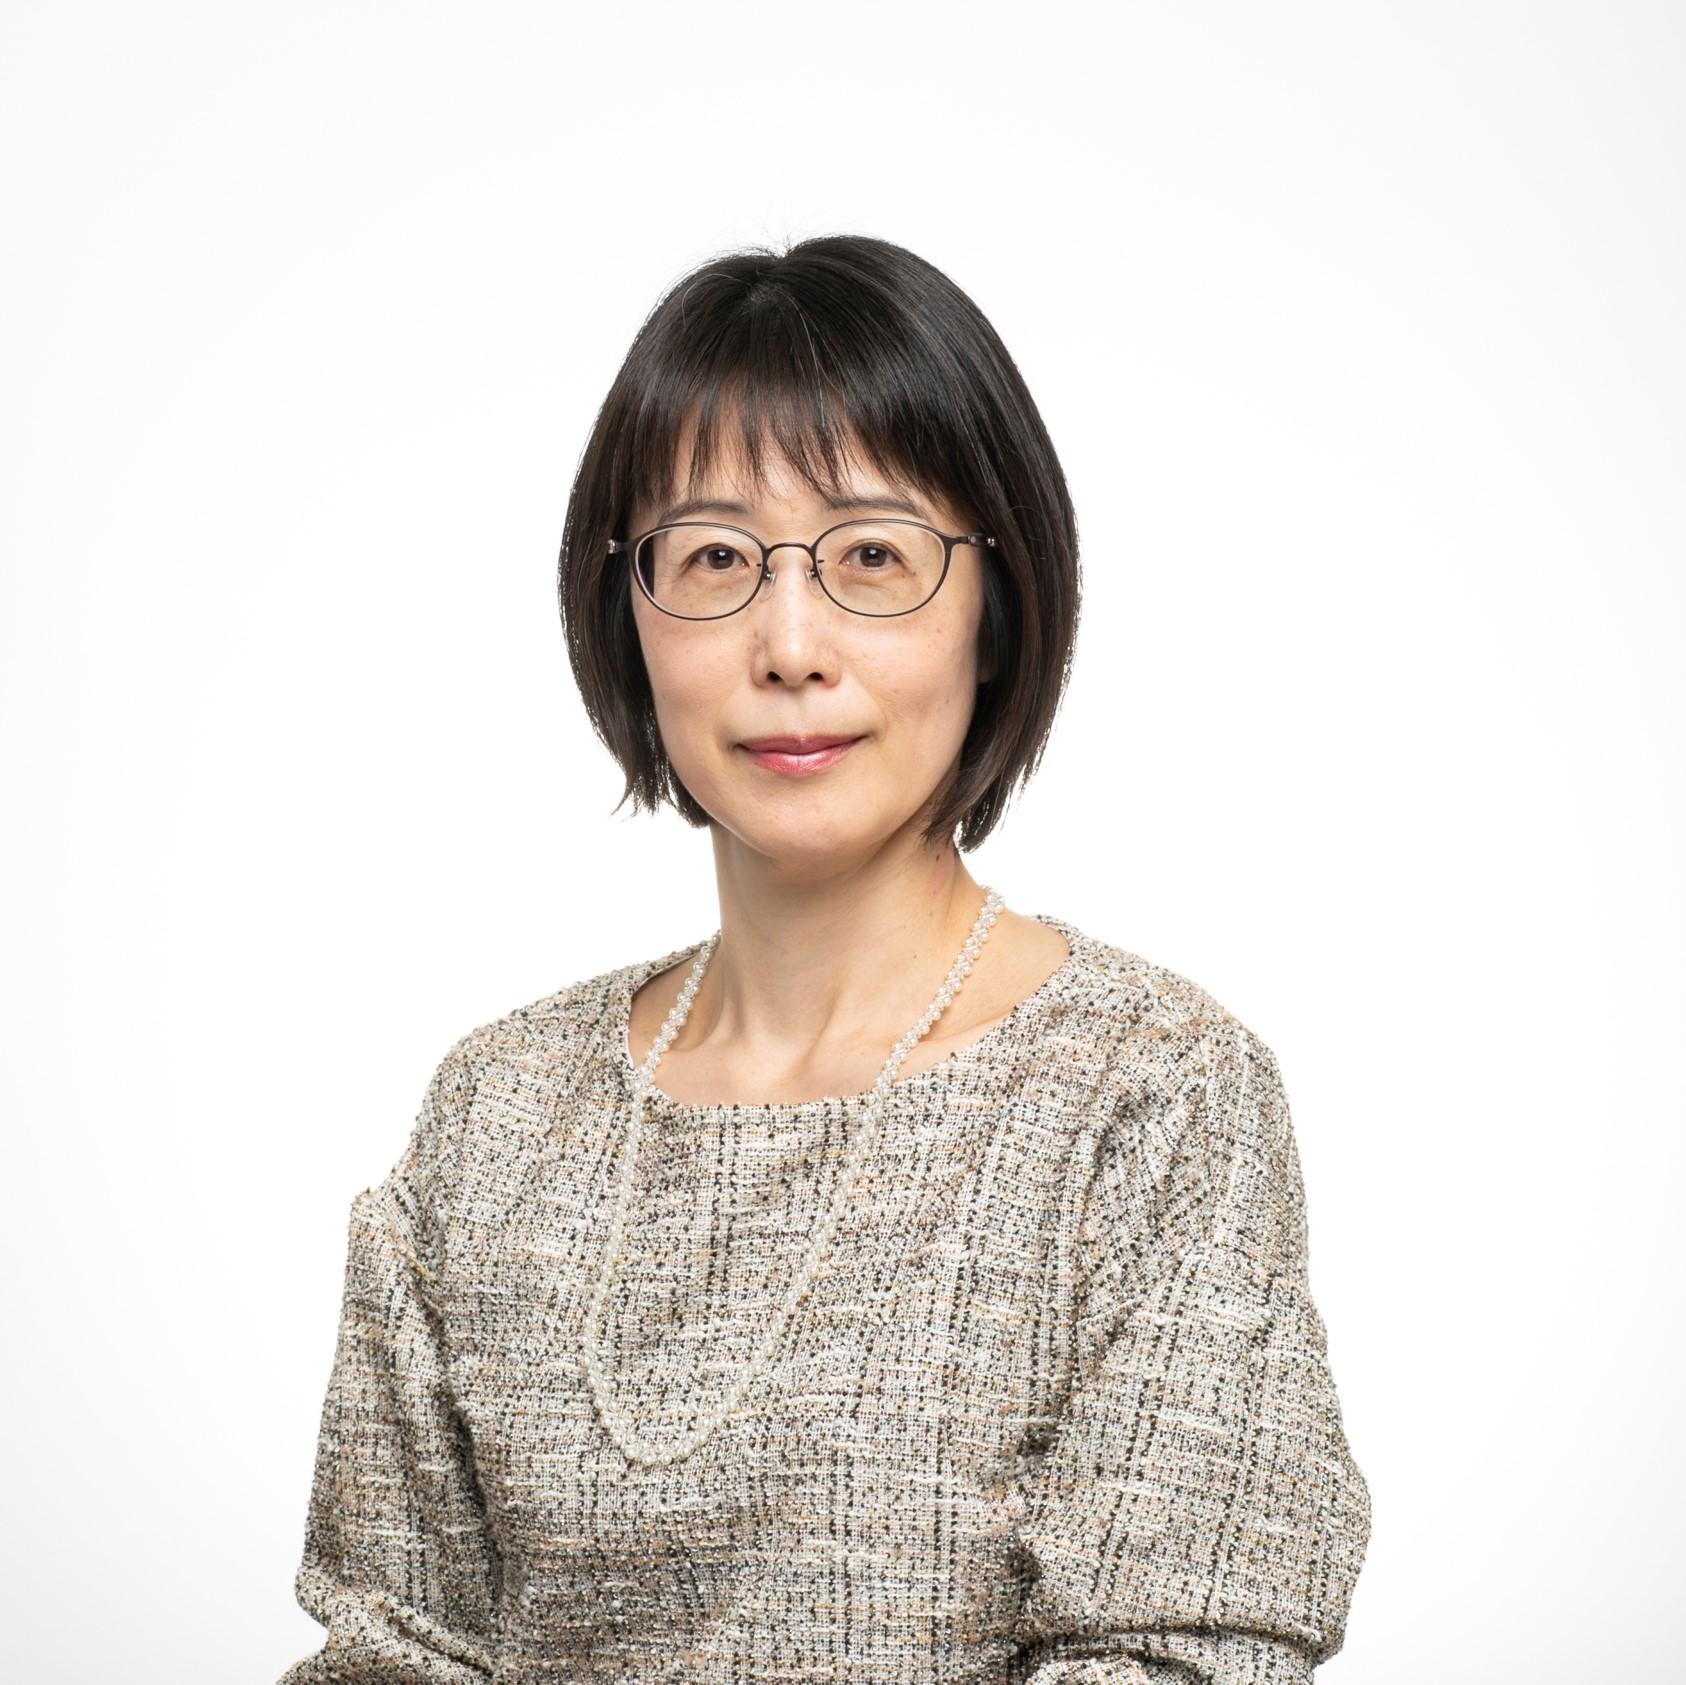 Noriko Horie